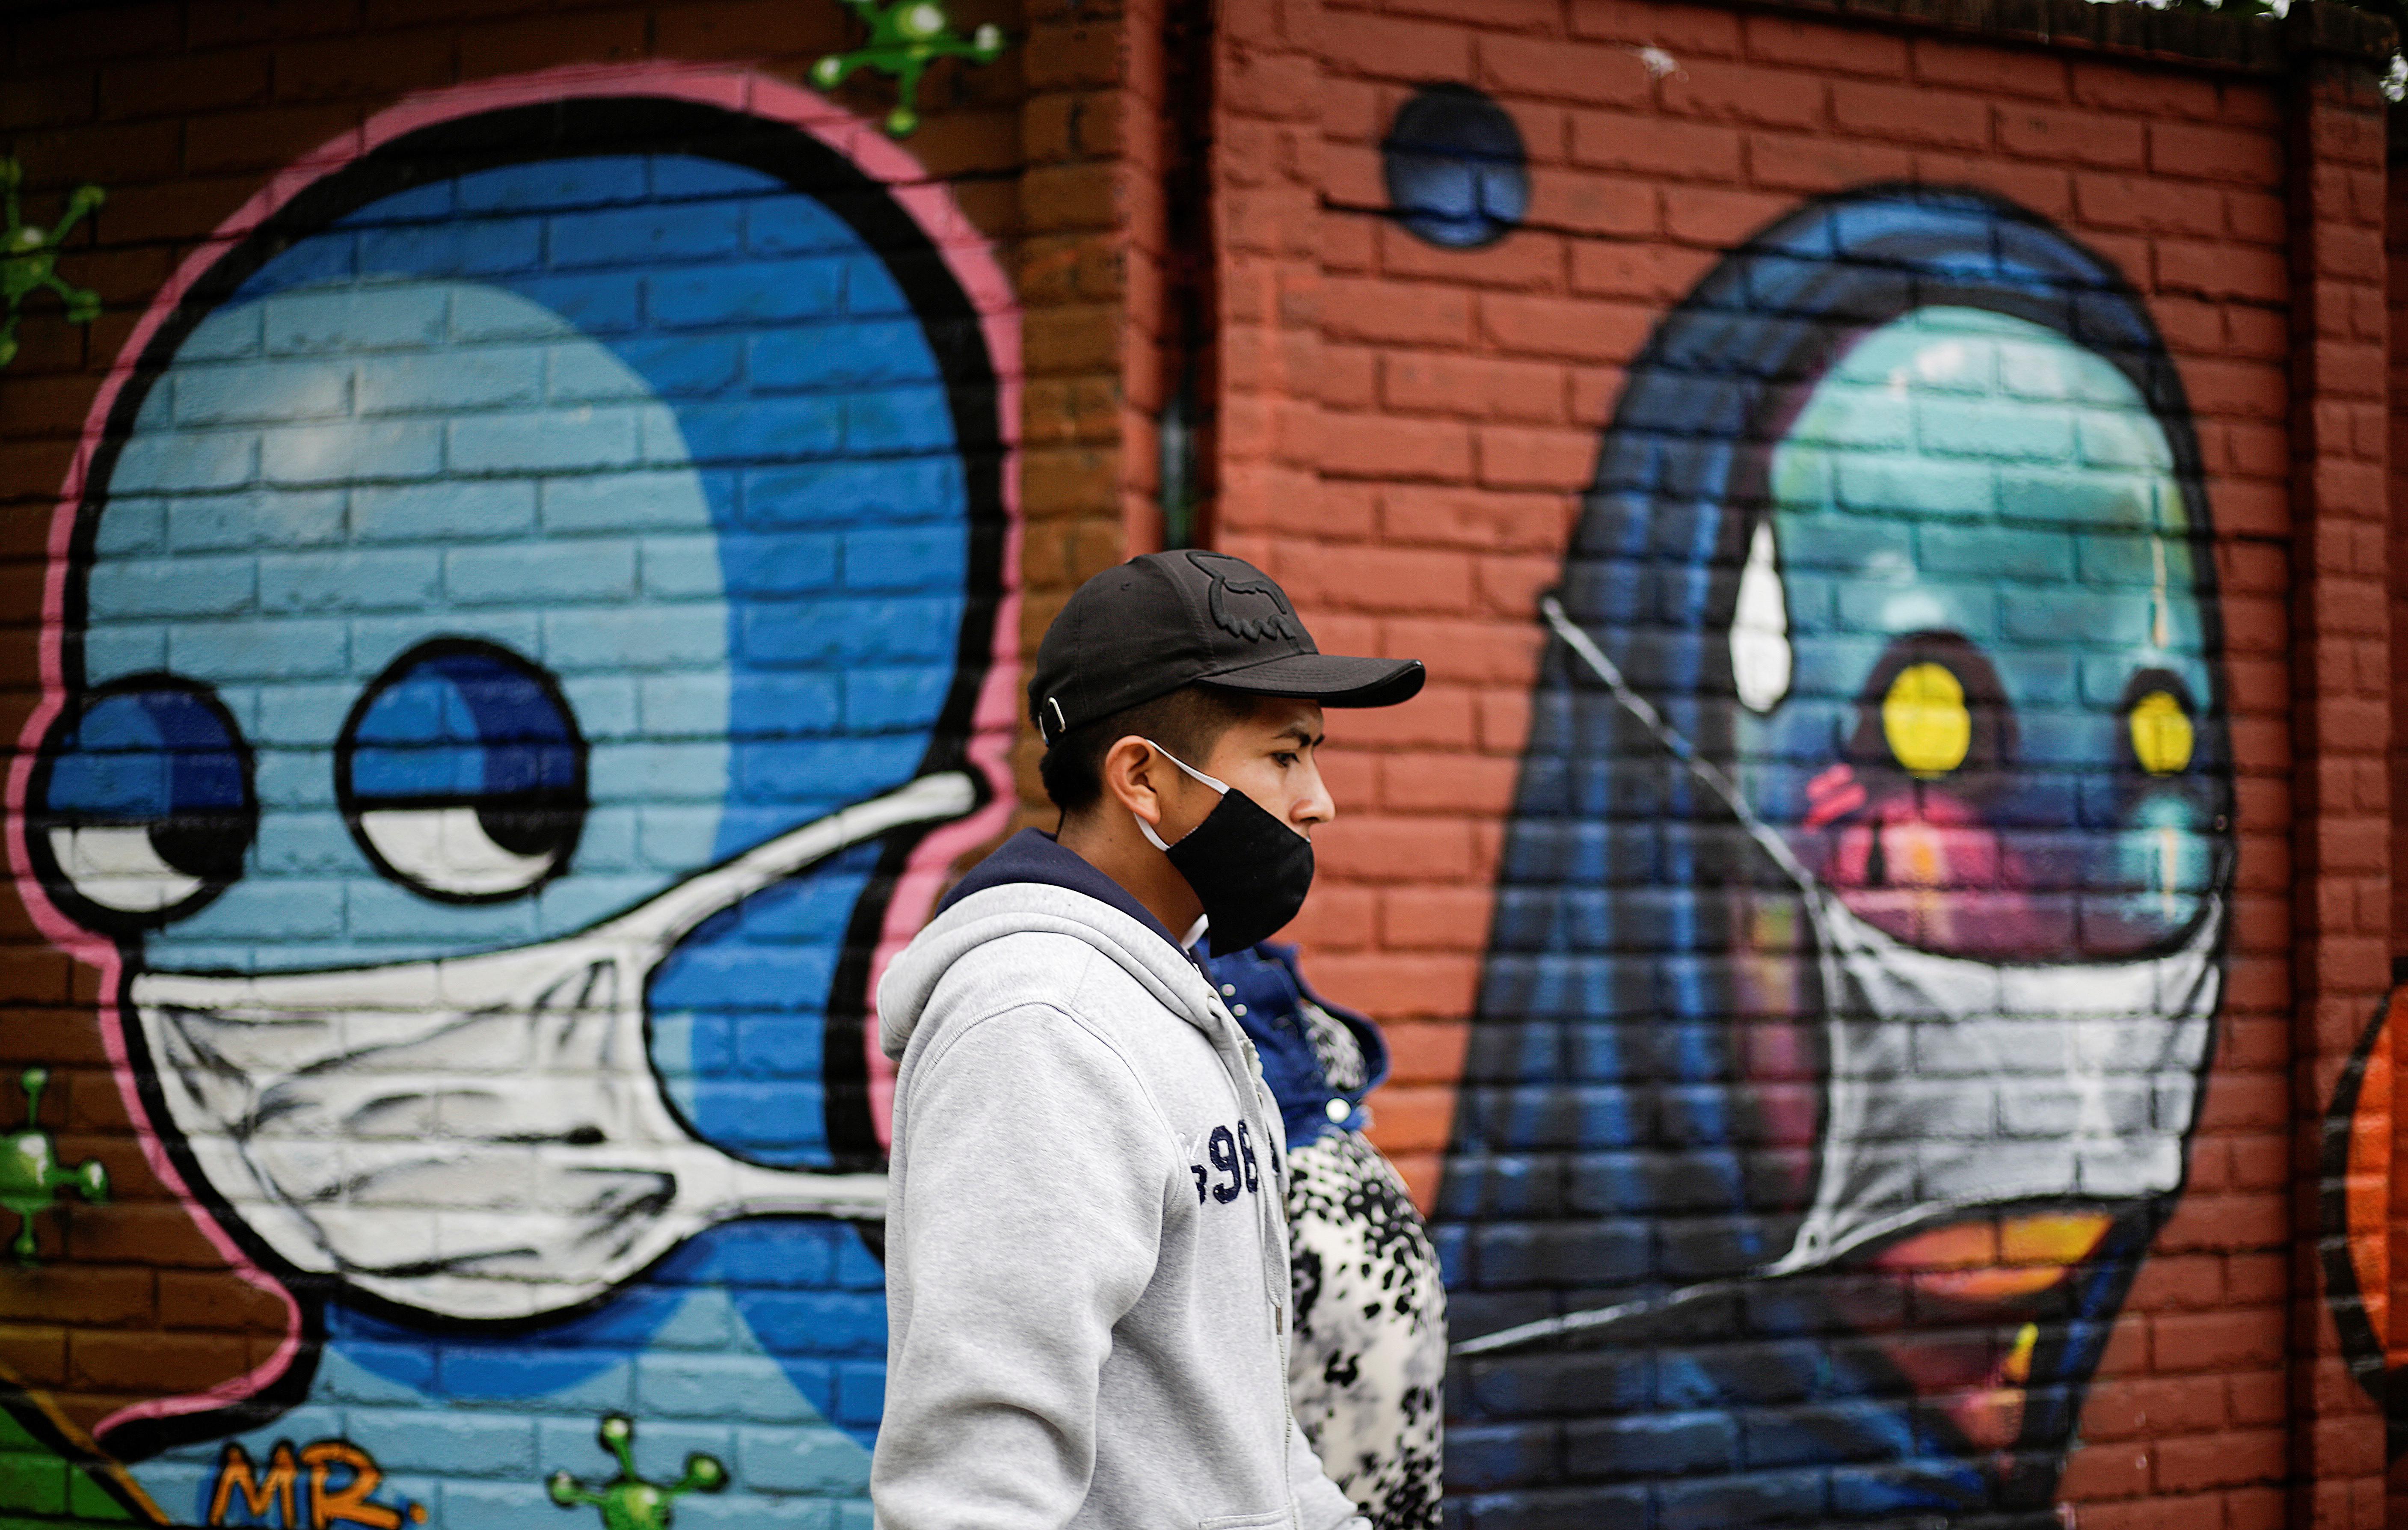 Un hombre con una mascarilla facial camina junto a una pared con graffitis después de que las autoridades sanitarias revocan las medidas de reapertura tras el aumento de los casos de la enfermedad coronavirus (COVID-19) en San José (Costa Rica) el 13 de julio de 2020.